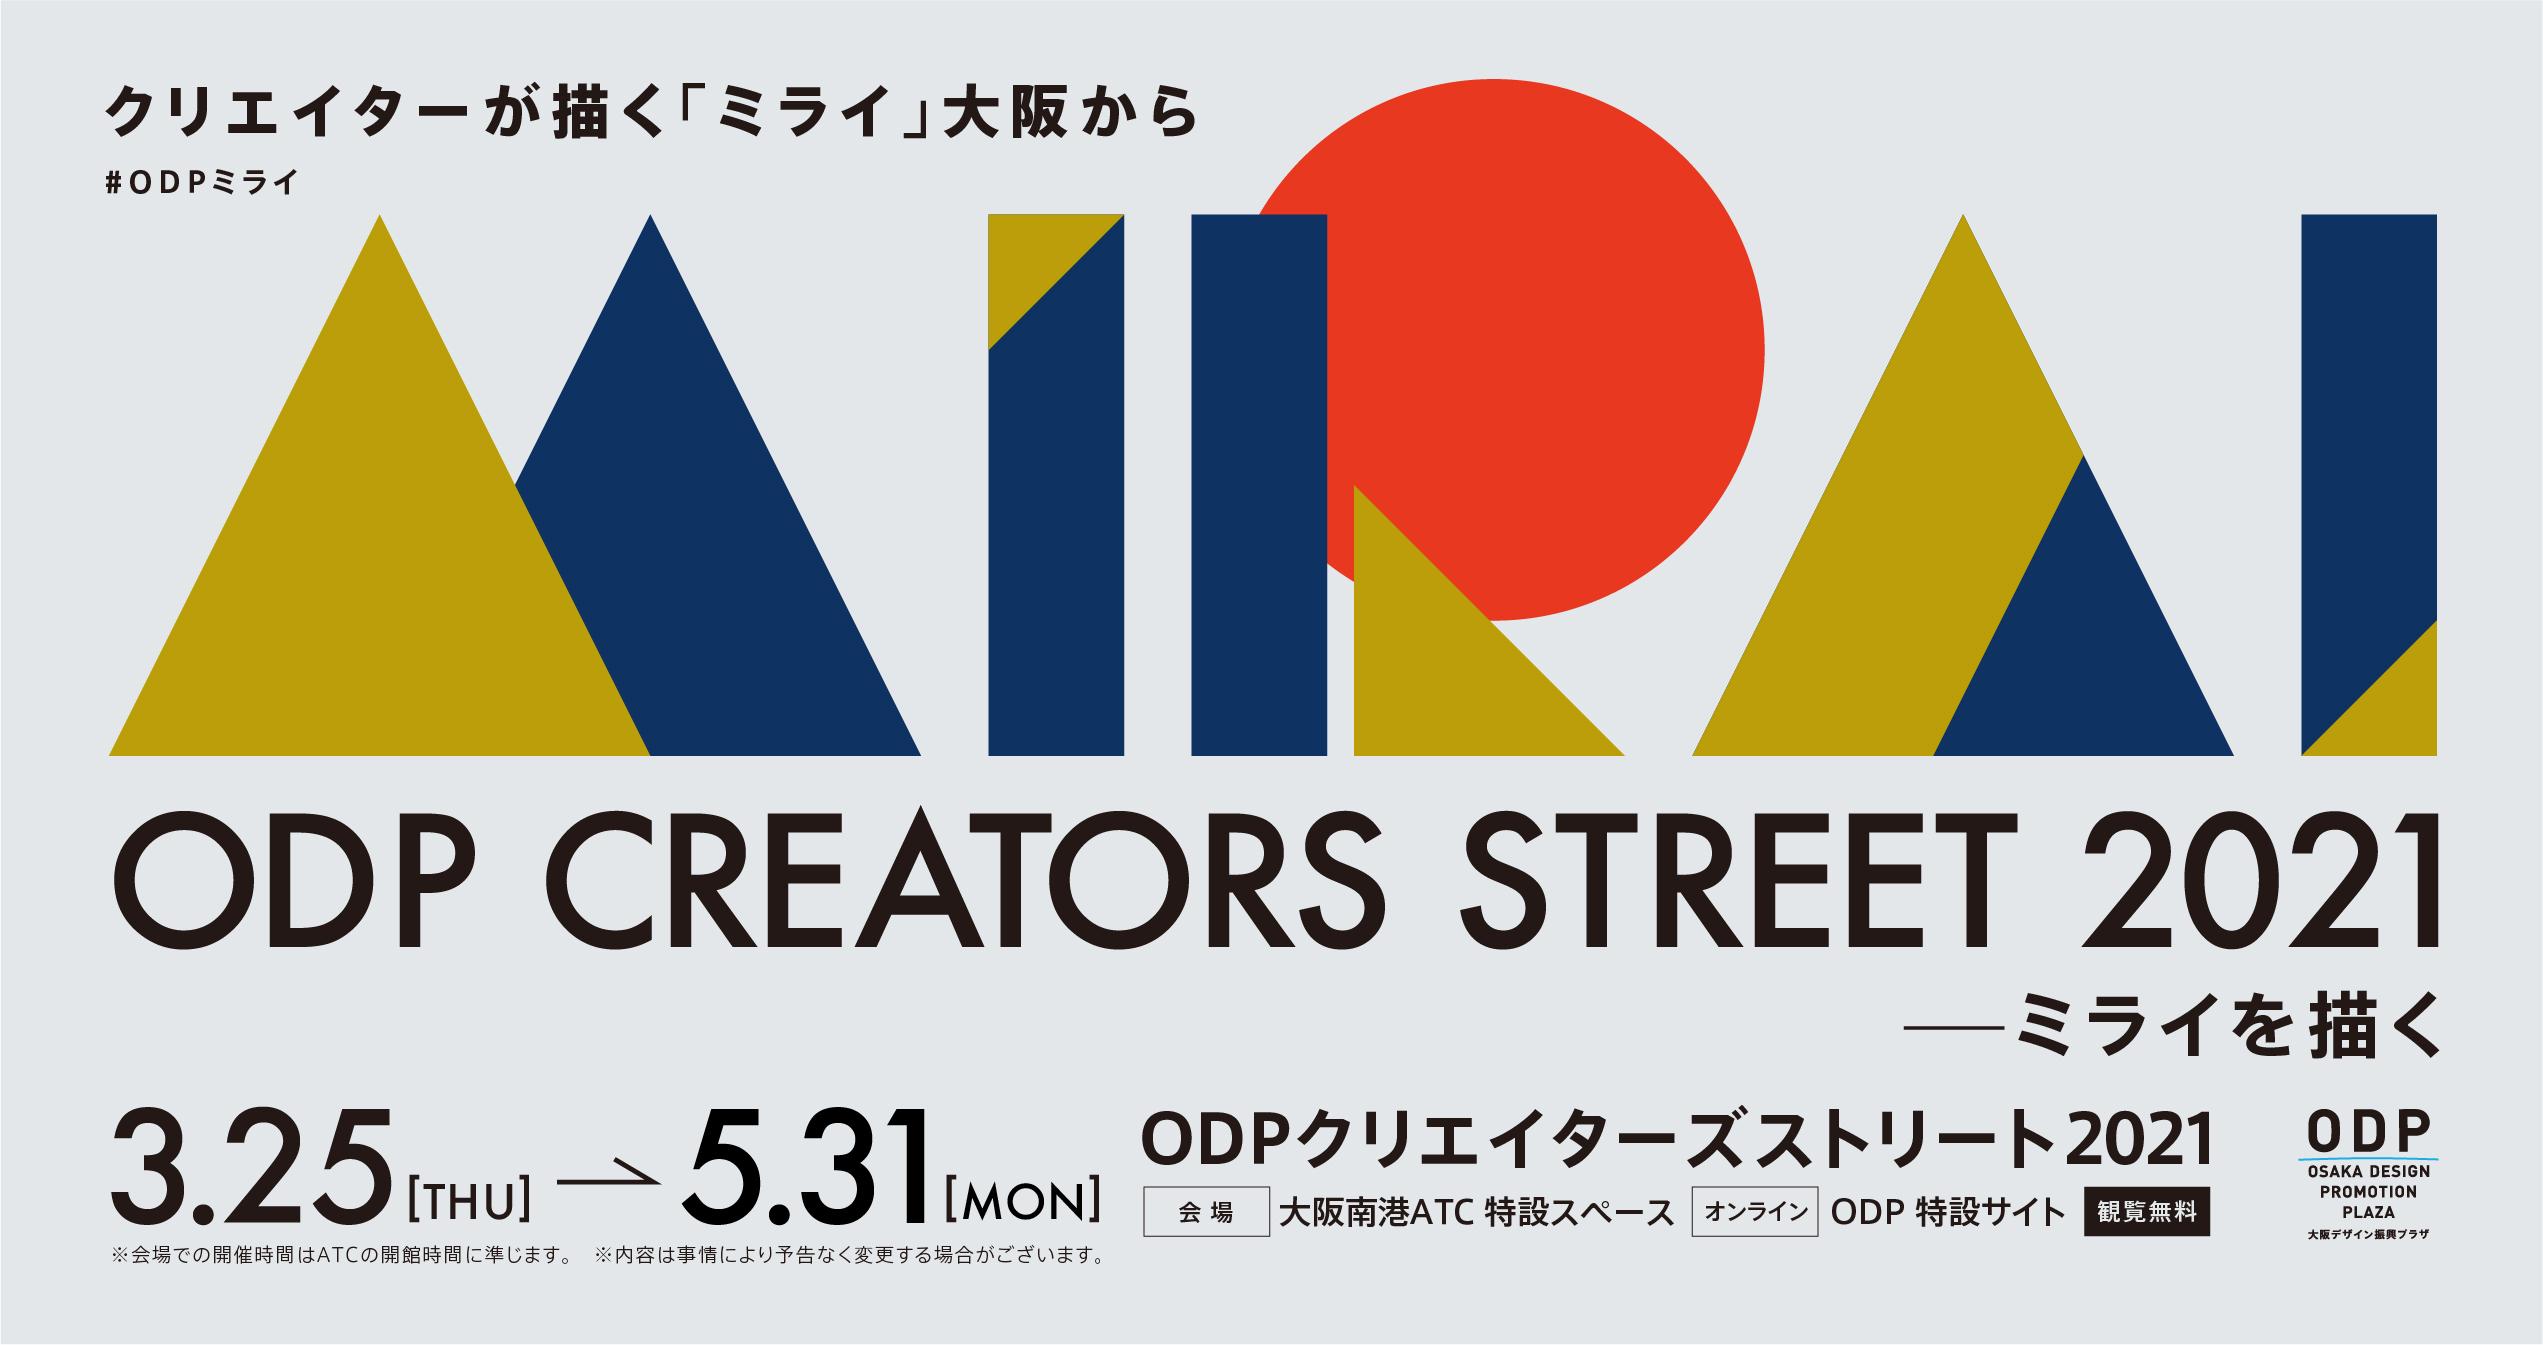 【会期延長】ODP CREATORS STREET 2021 〜ミライを描く〜